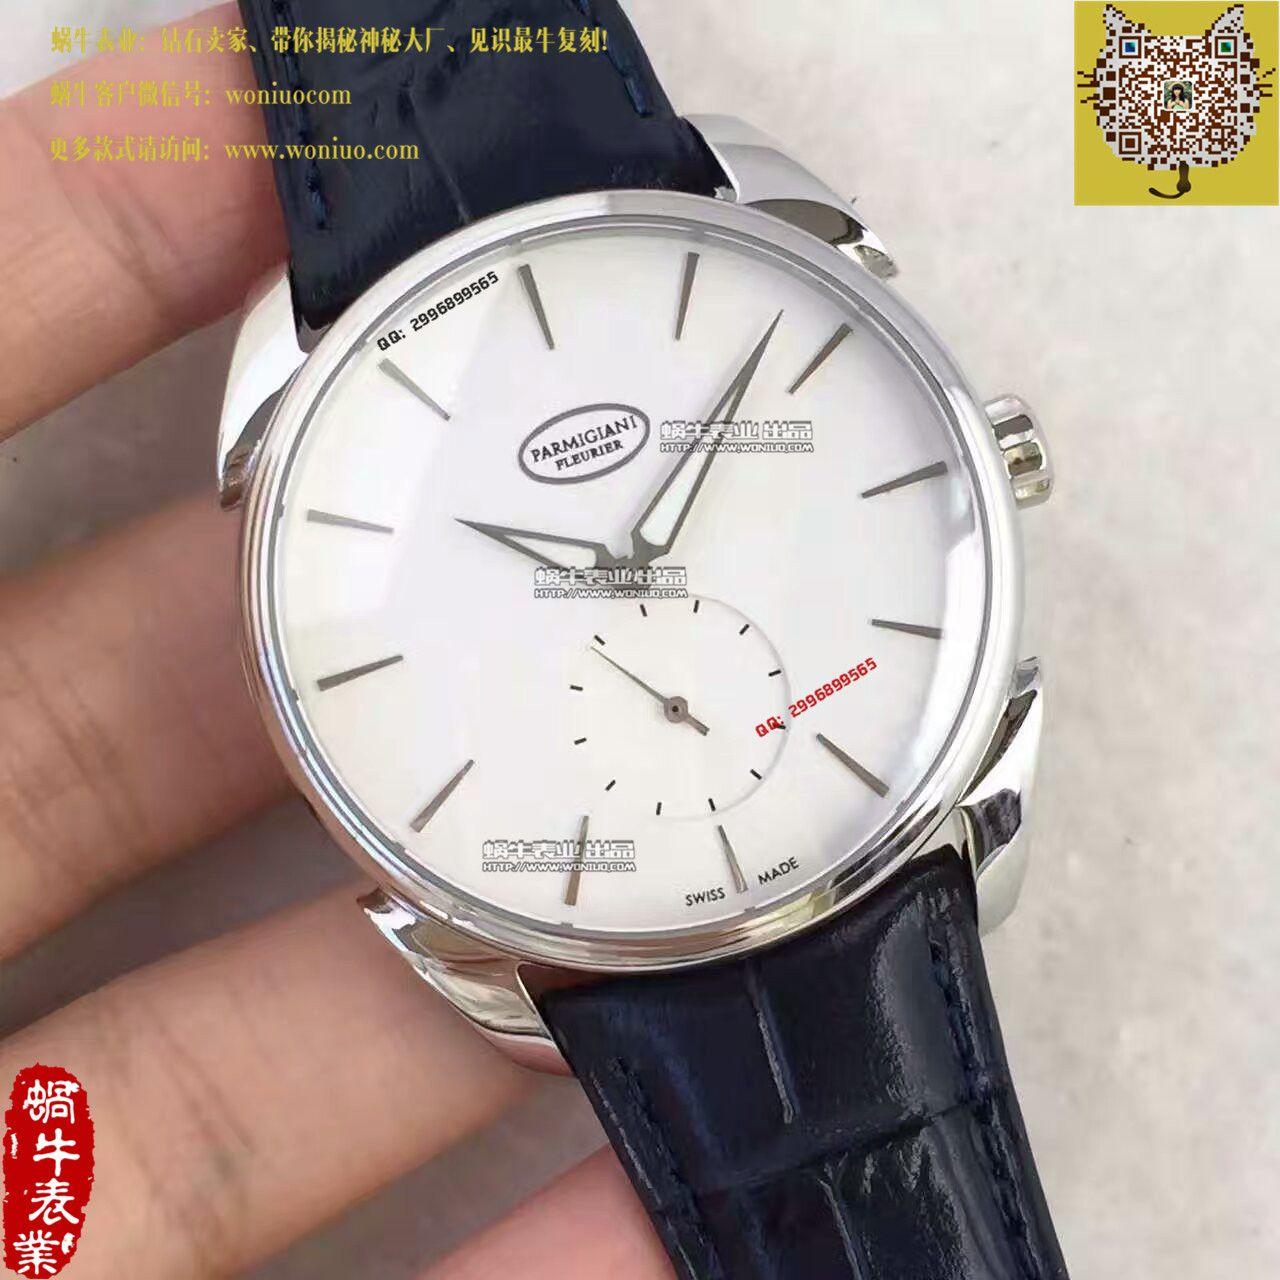 【一比一精仿手表】帕玛强尼Tonda系列PFC267-1202400-HA1241腕表 / PM022